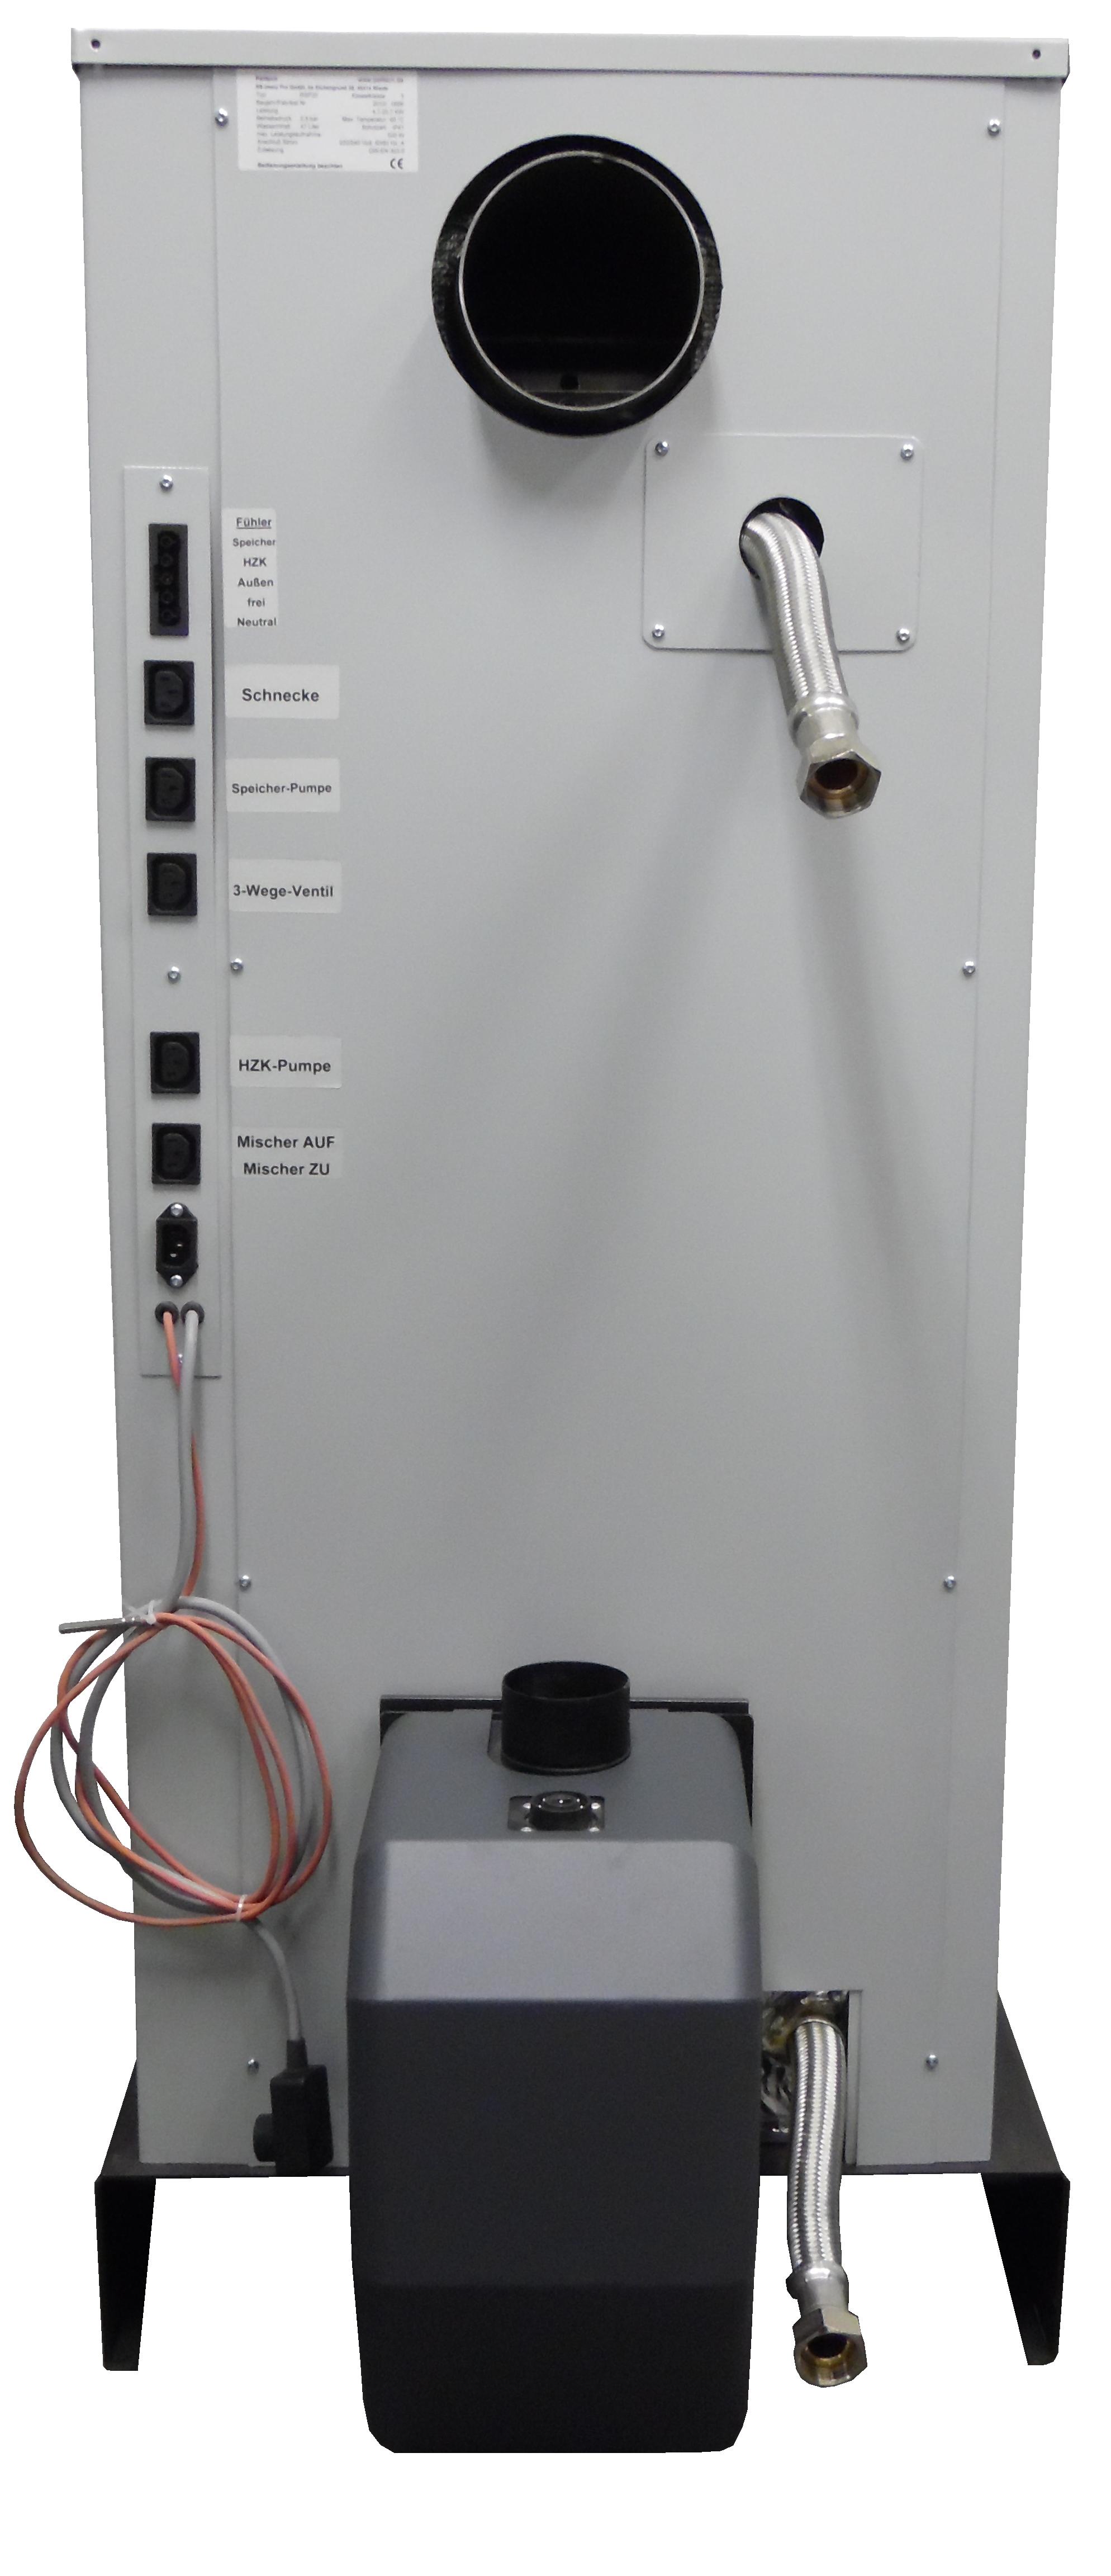 Rüchansicht des RSP 20. Vor- und Rücklauf sind durch eine Flexleitung nach Außen geführt. Die elektrischen Anschlüsse sind alle vorbereitet. Die passenden Stecker sind enthalten.